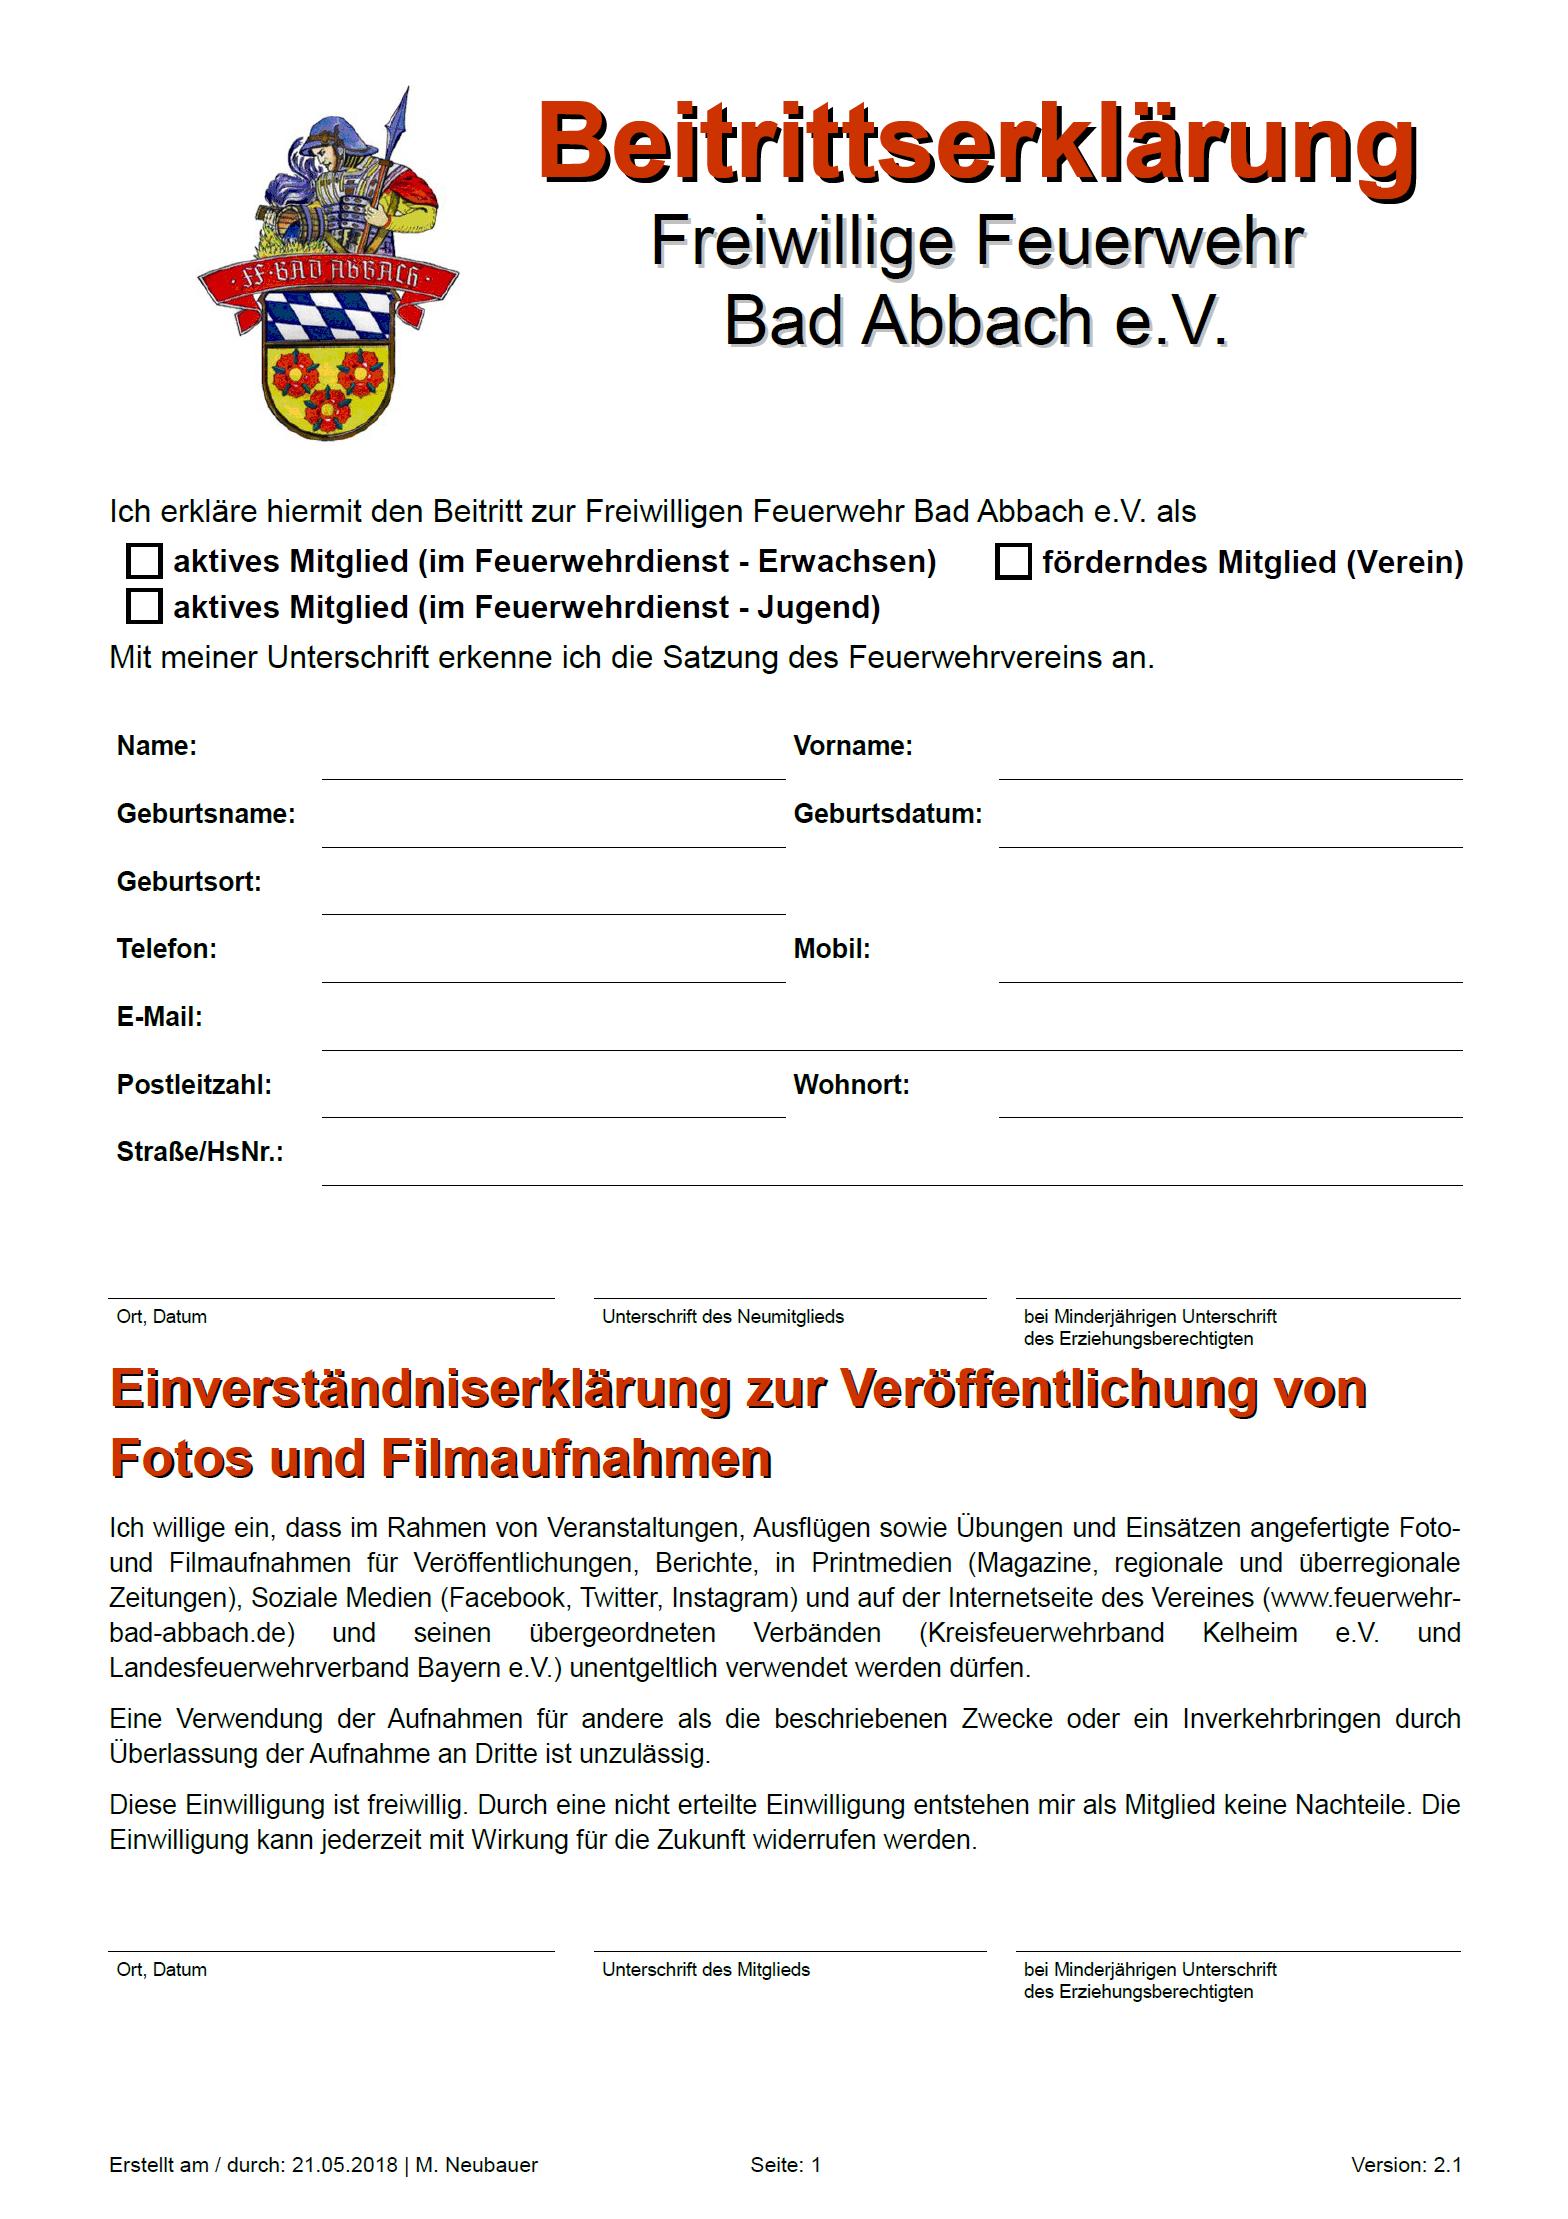 grundausbildung feuerwehr pdf